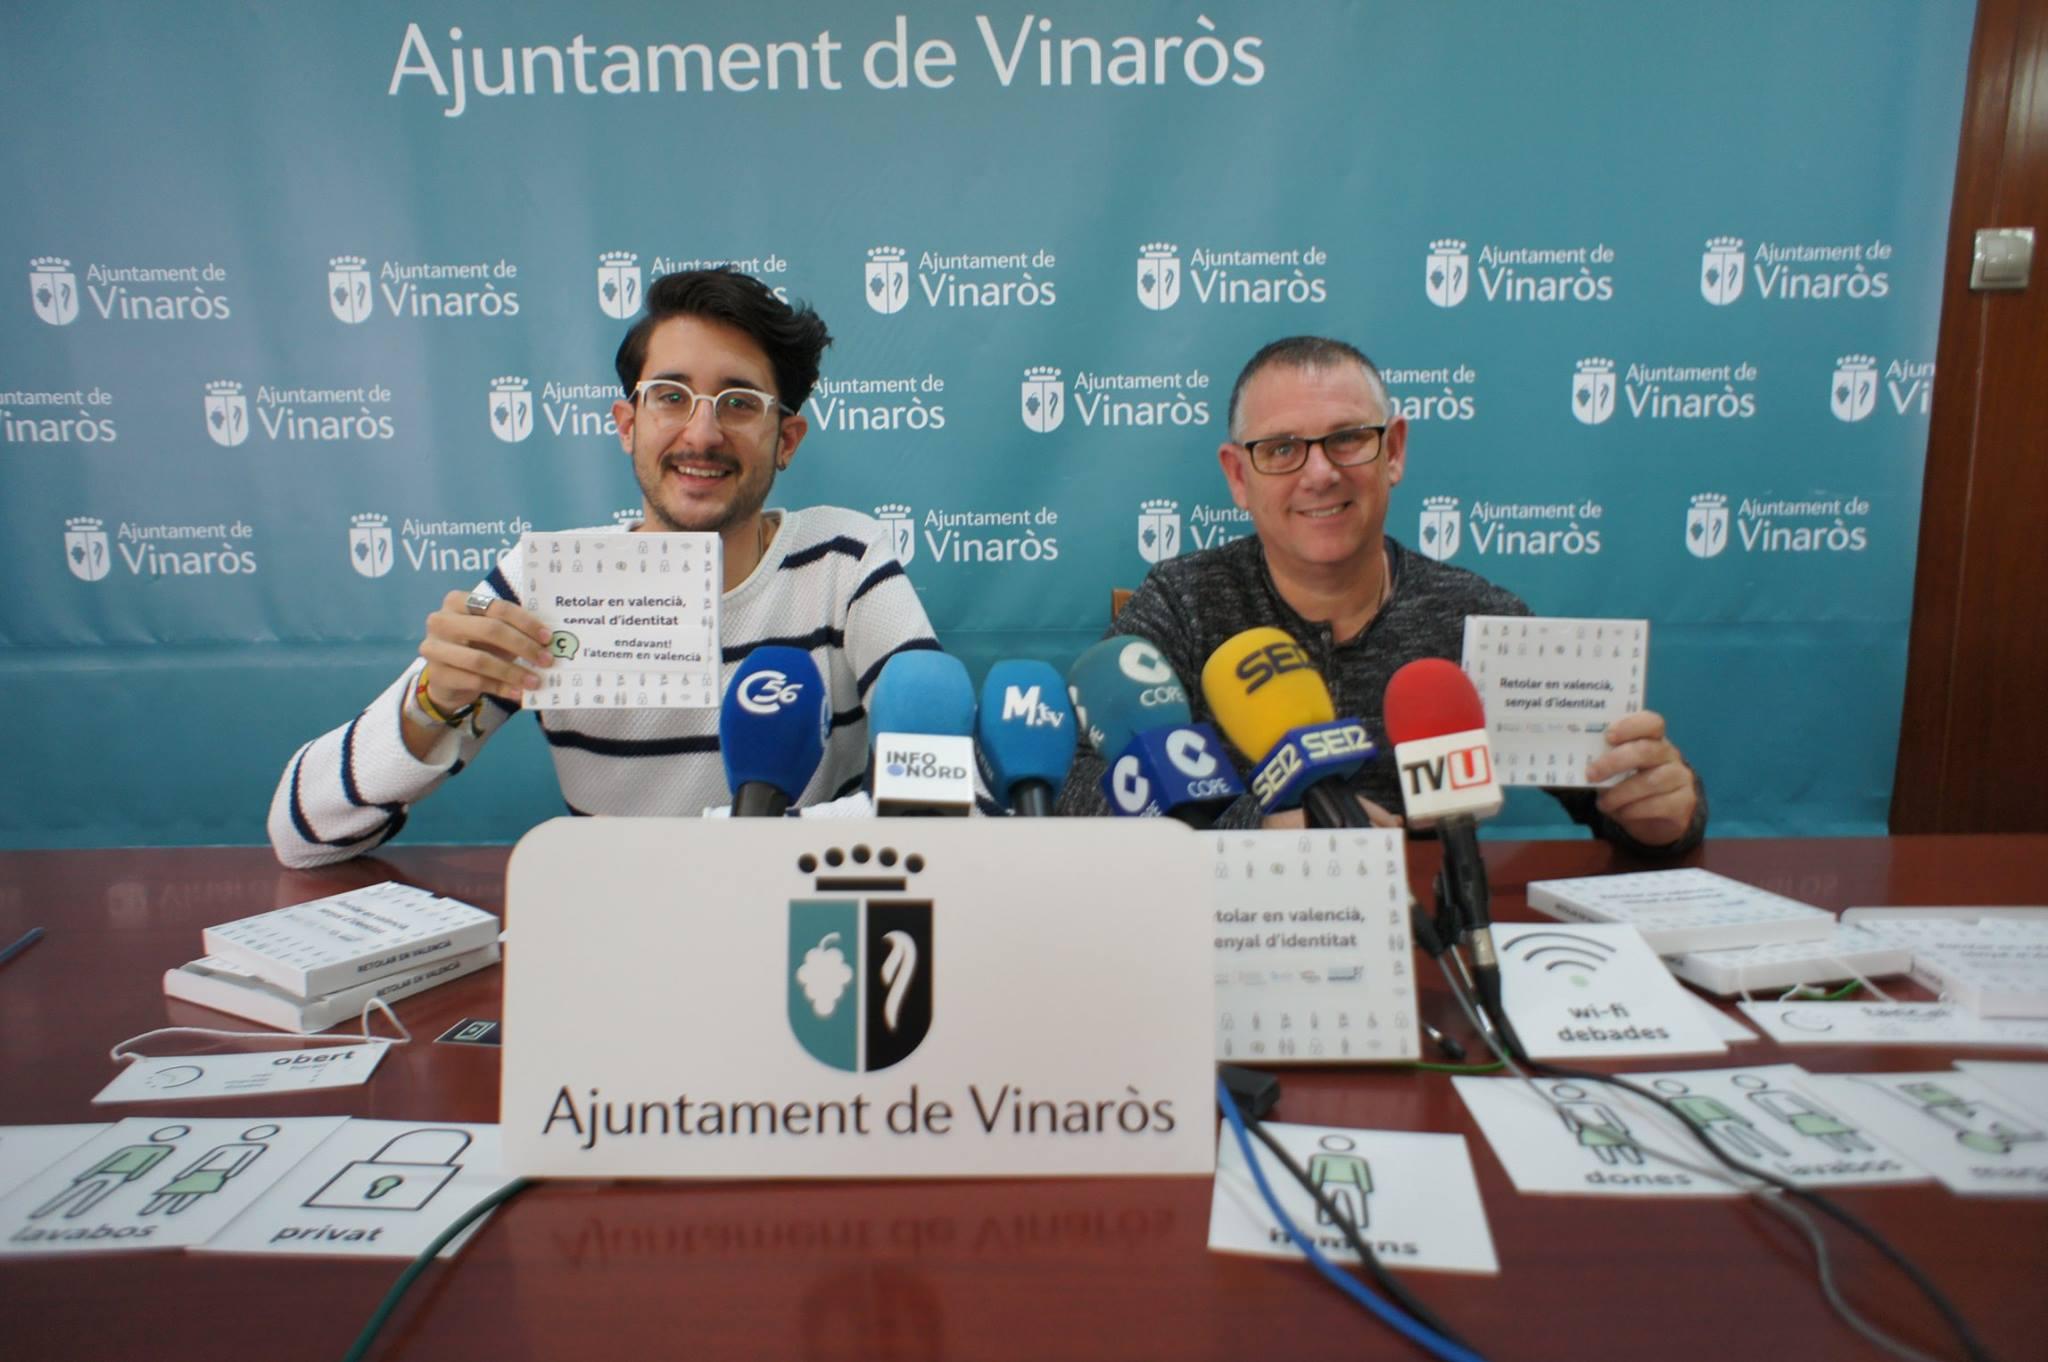 Vinaròs, l'Ajuntament posa en marxa una campanya de foment del valencià als comerços